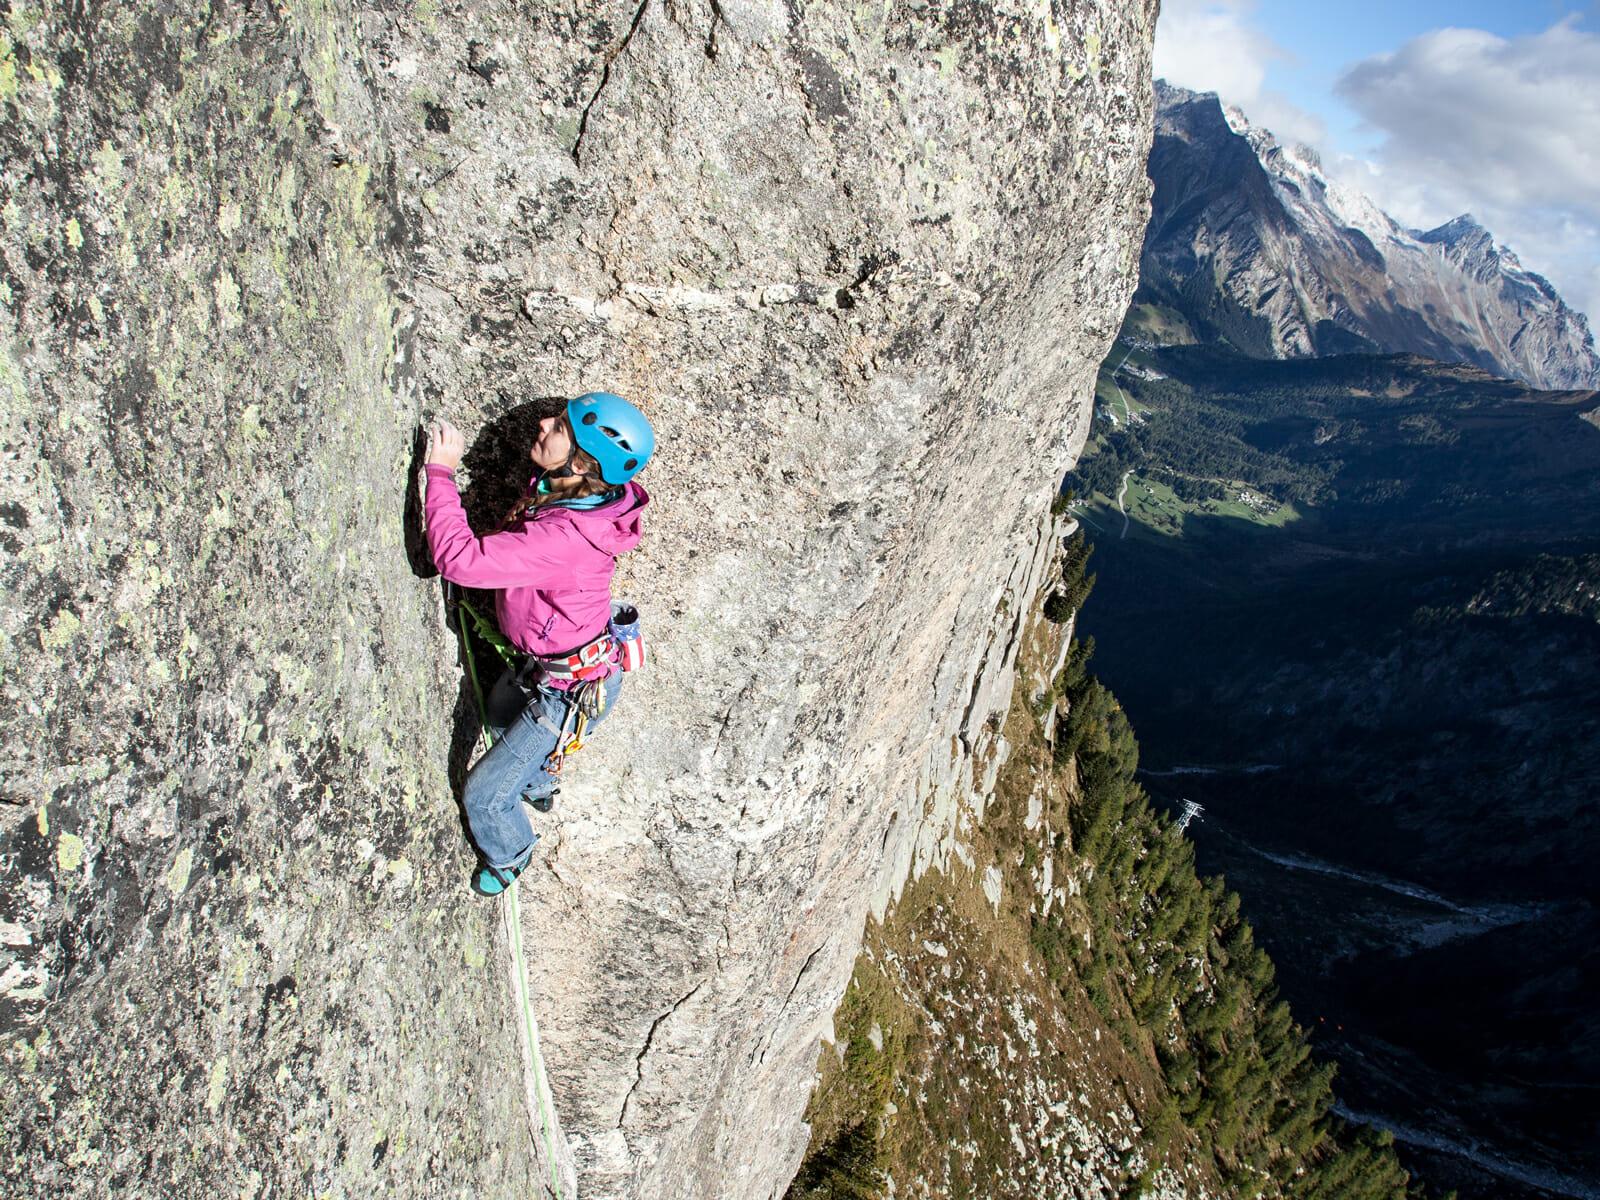 Klettergurt Für Mehrseillängen : Mehrseillängen kletterkurs albigna bergsteigerschule pontresina